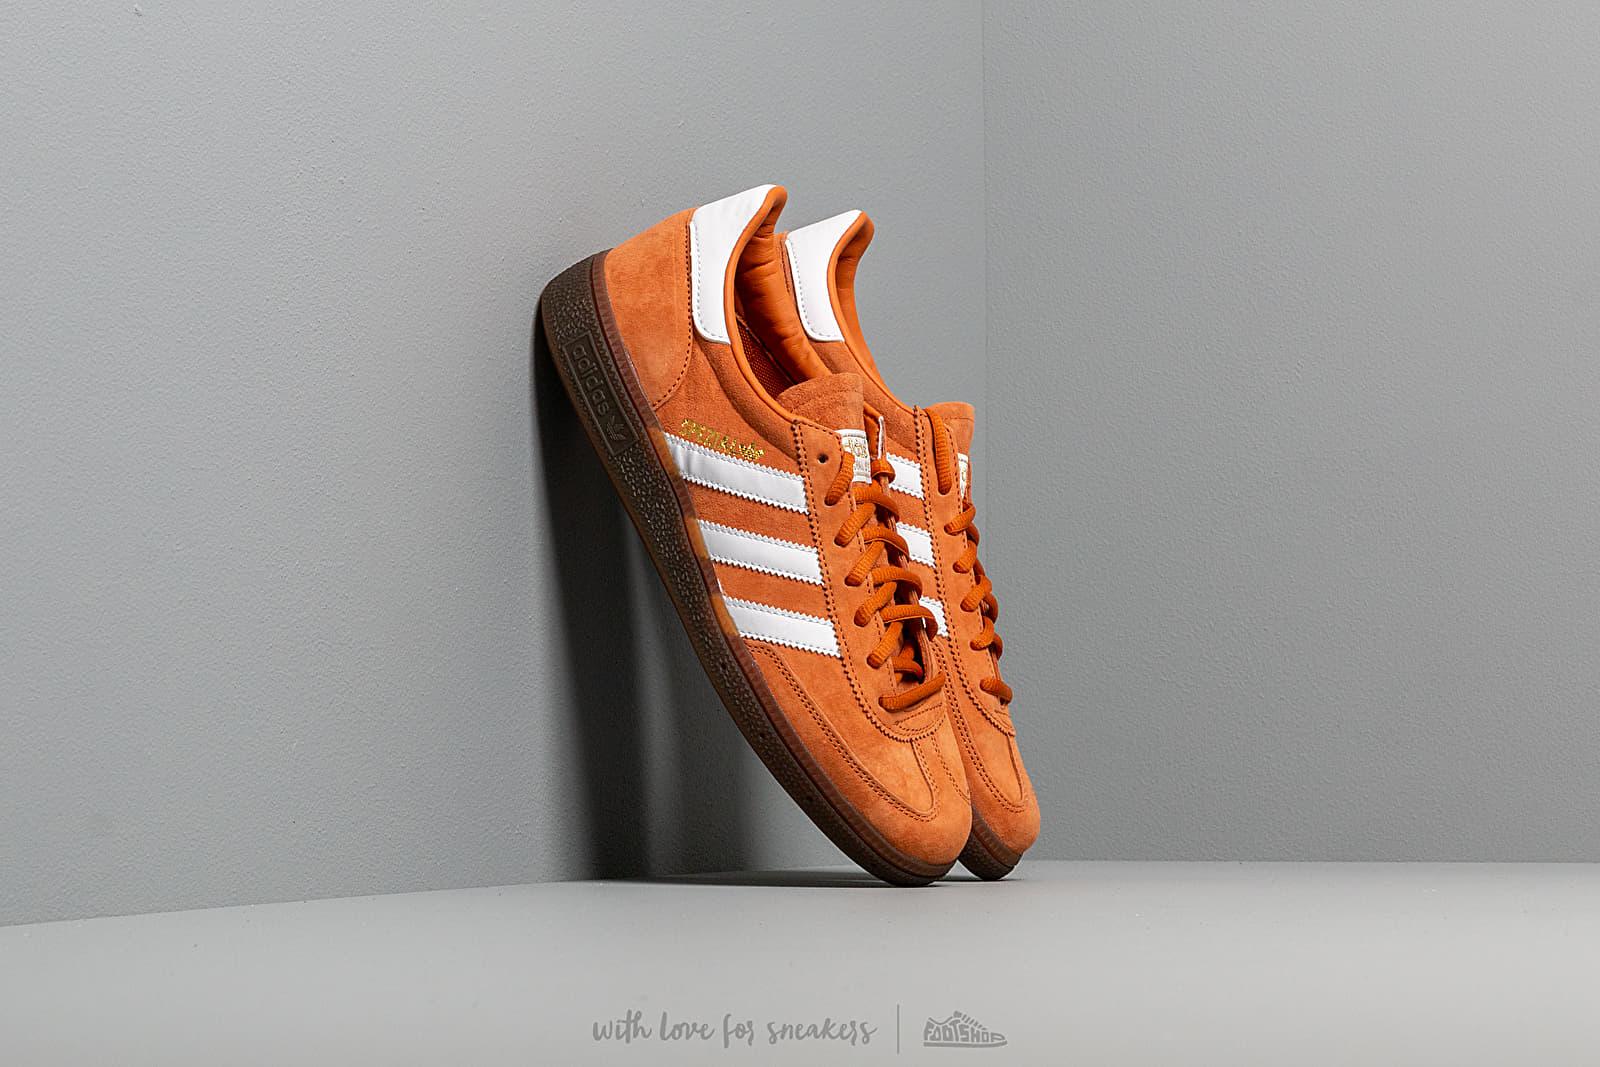 adidas Handball Spezial Tech Copper Ftw White Gold Metalic Footshop  Footshop